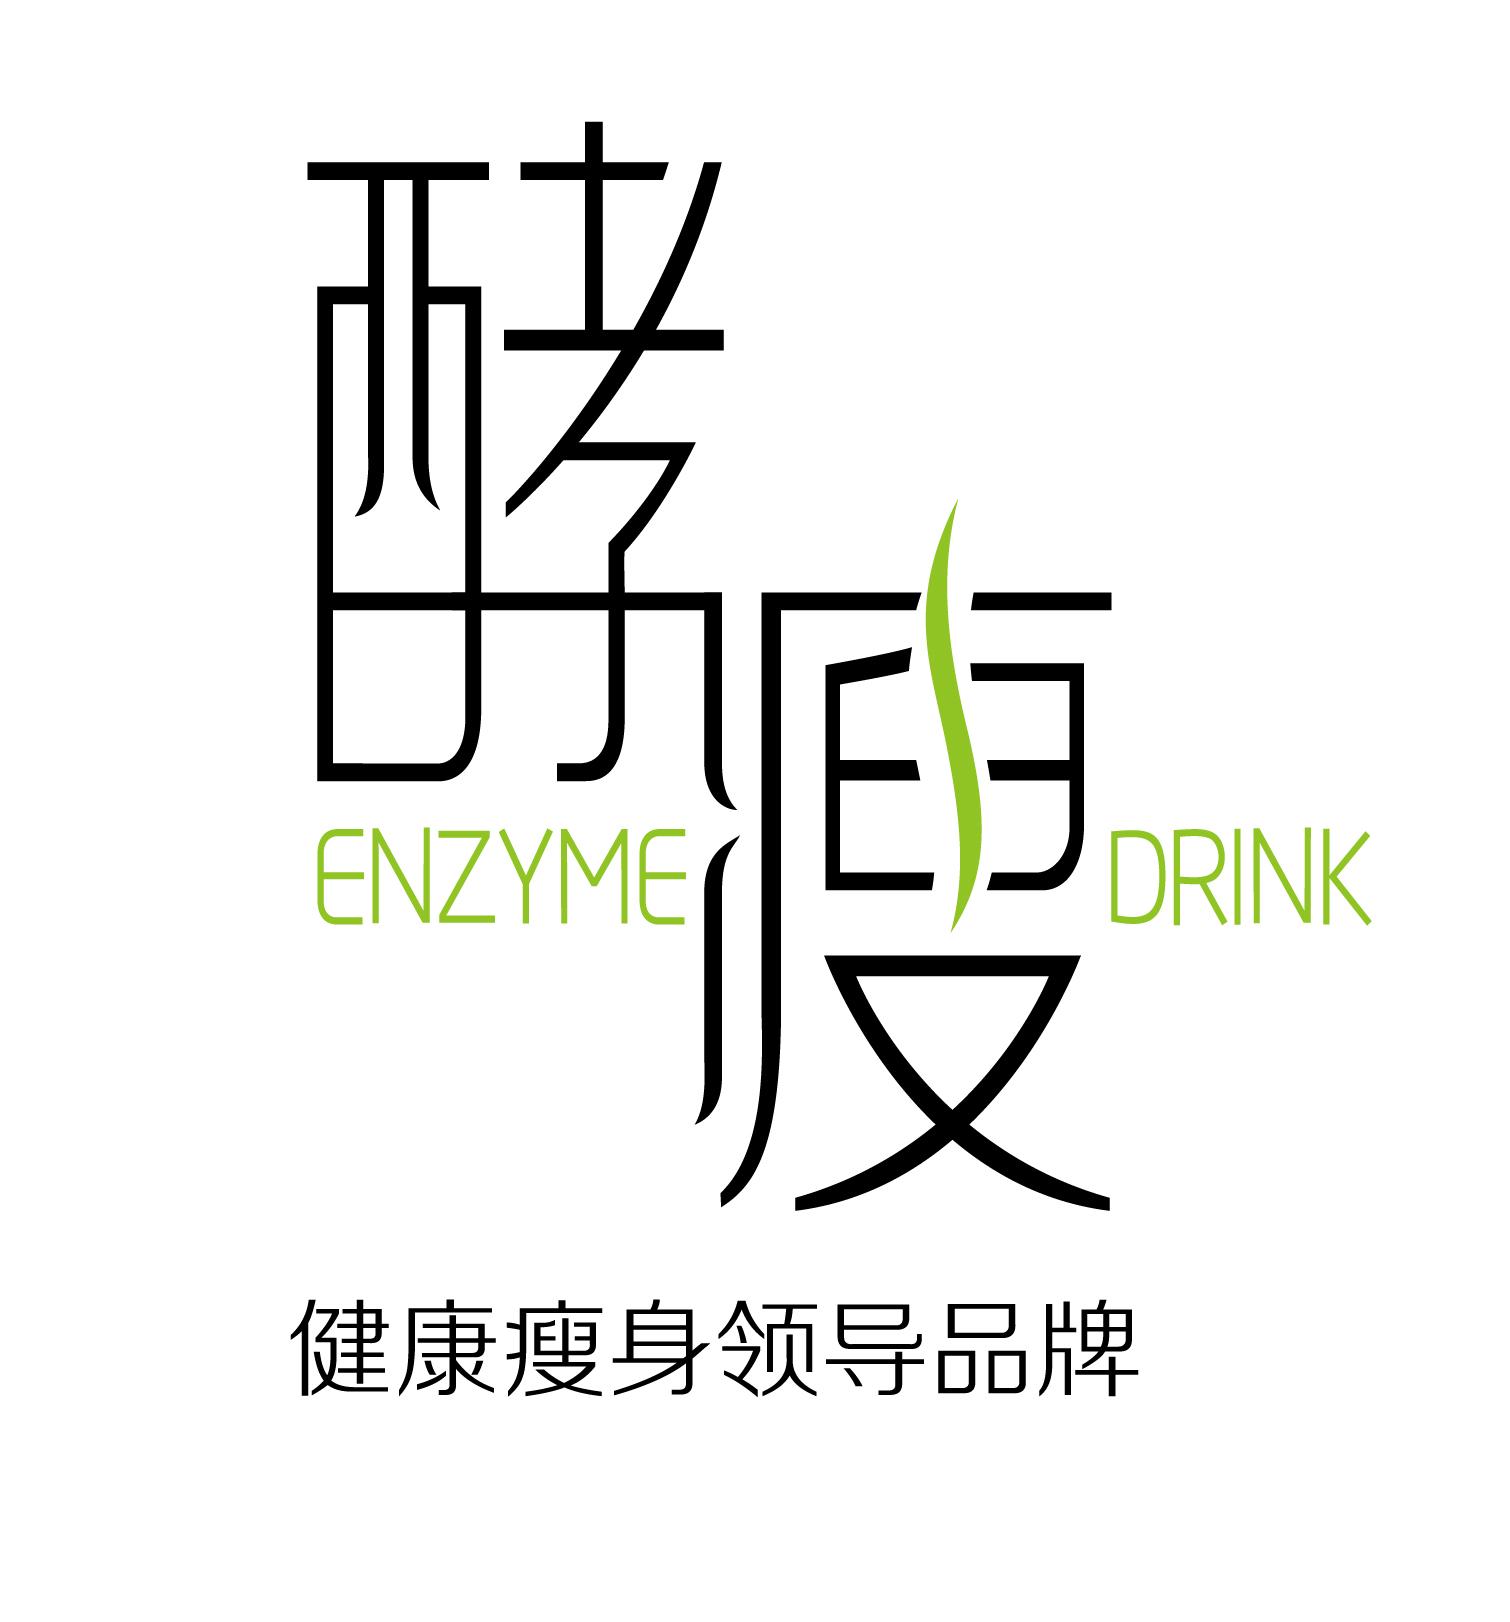 广州汇格生物科技有限公司宣讲会